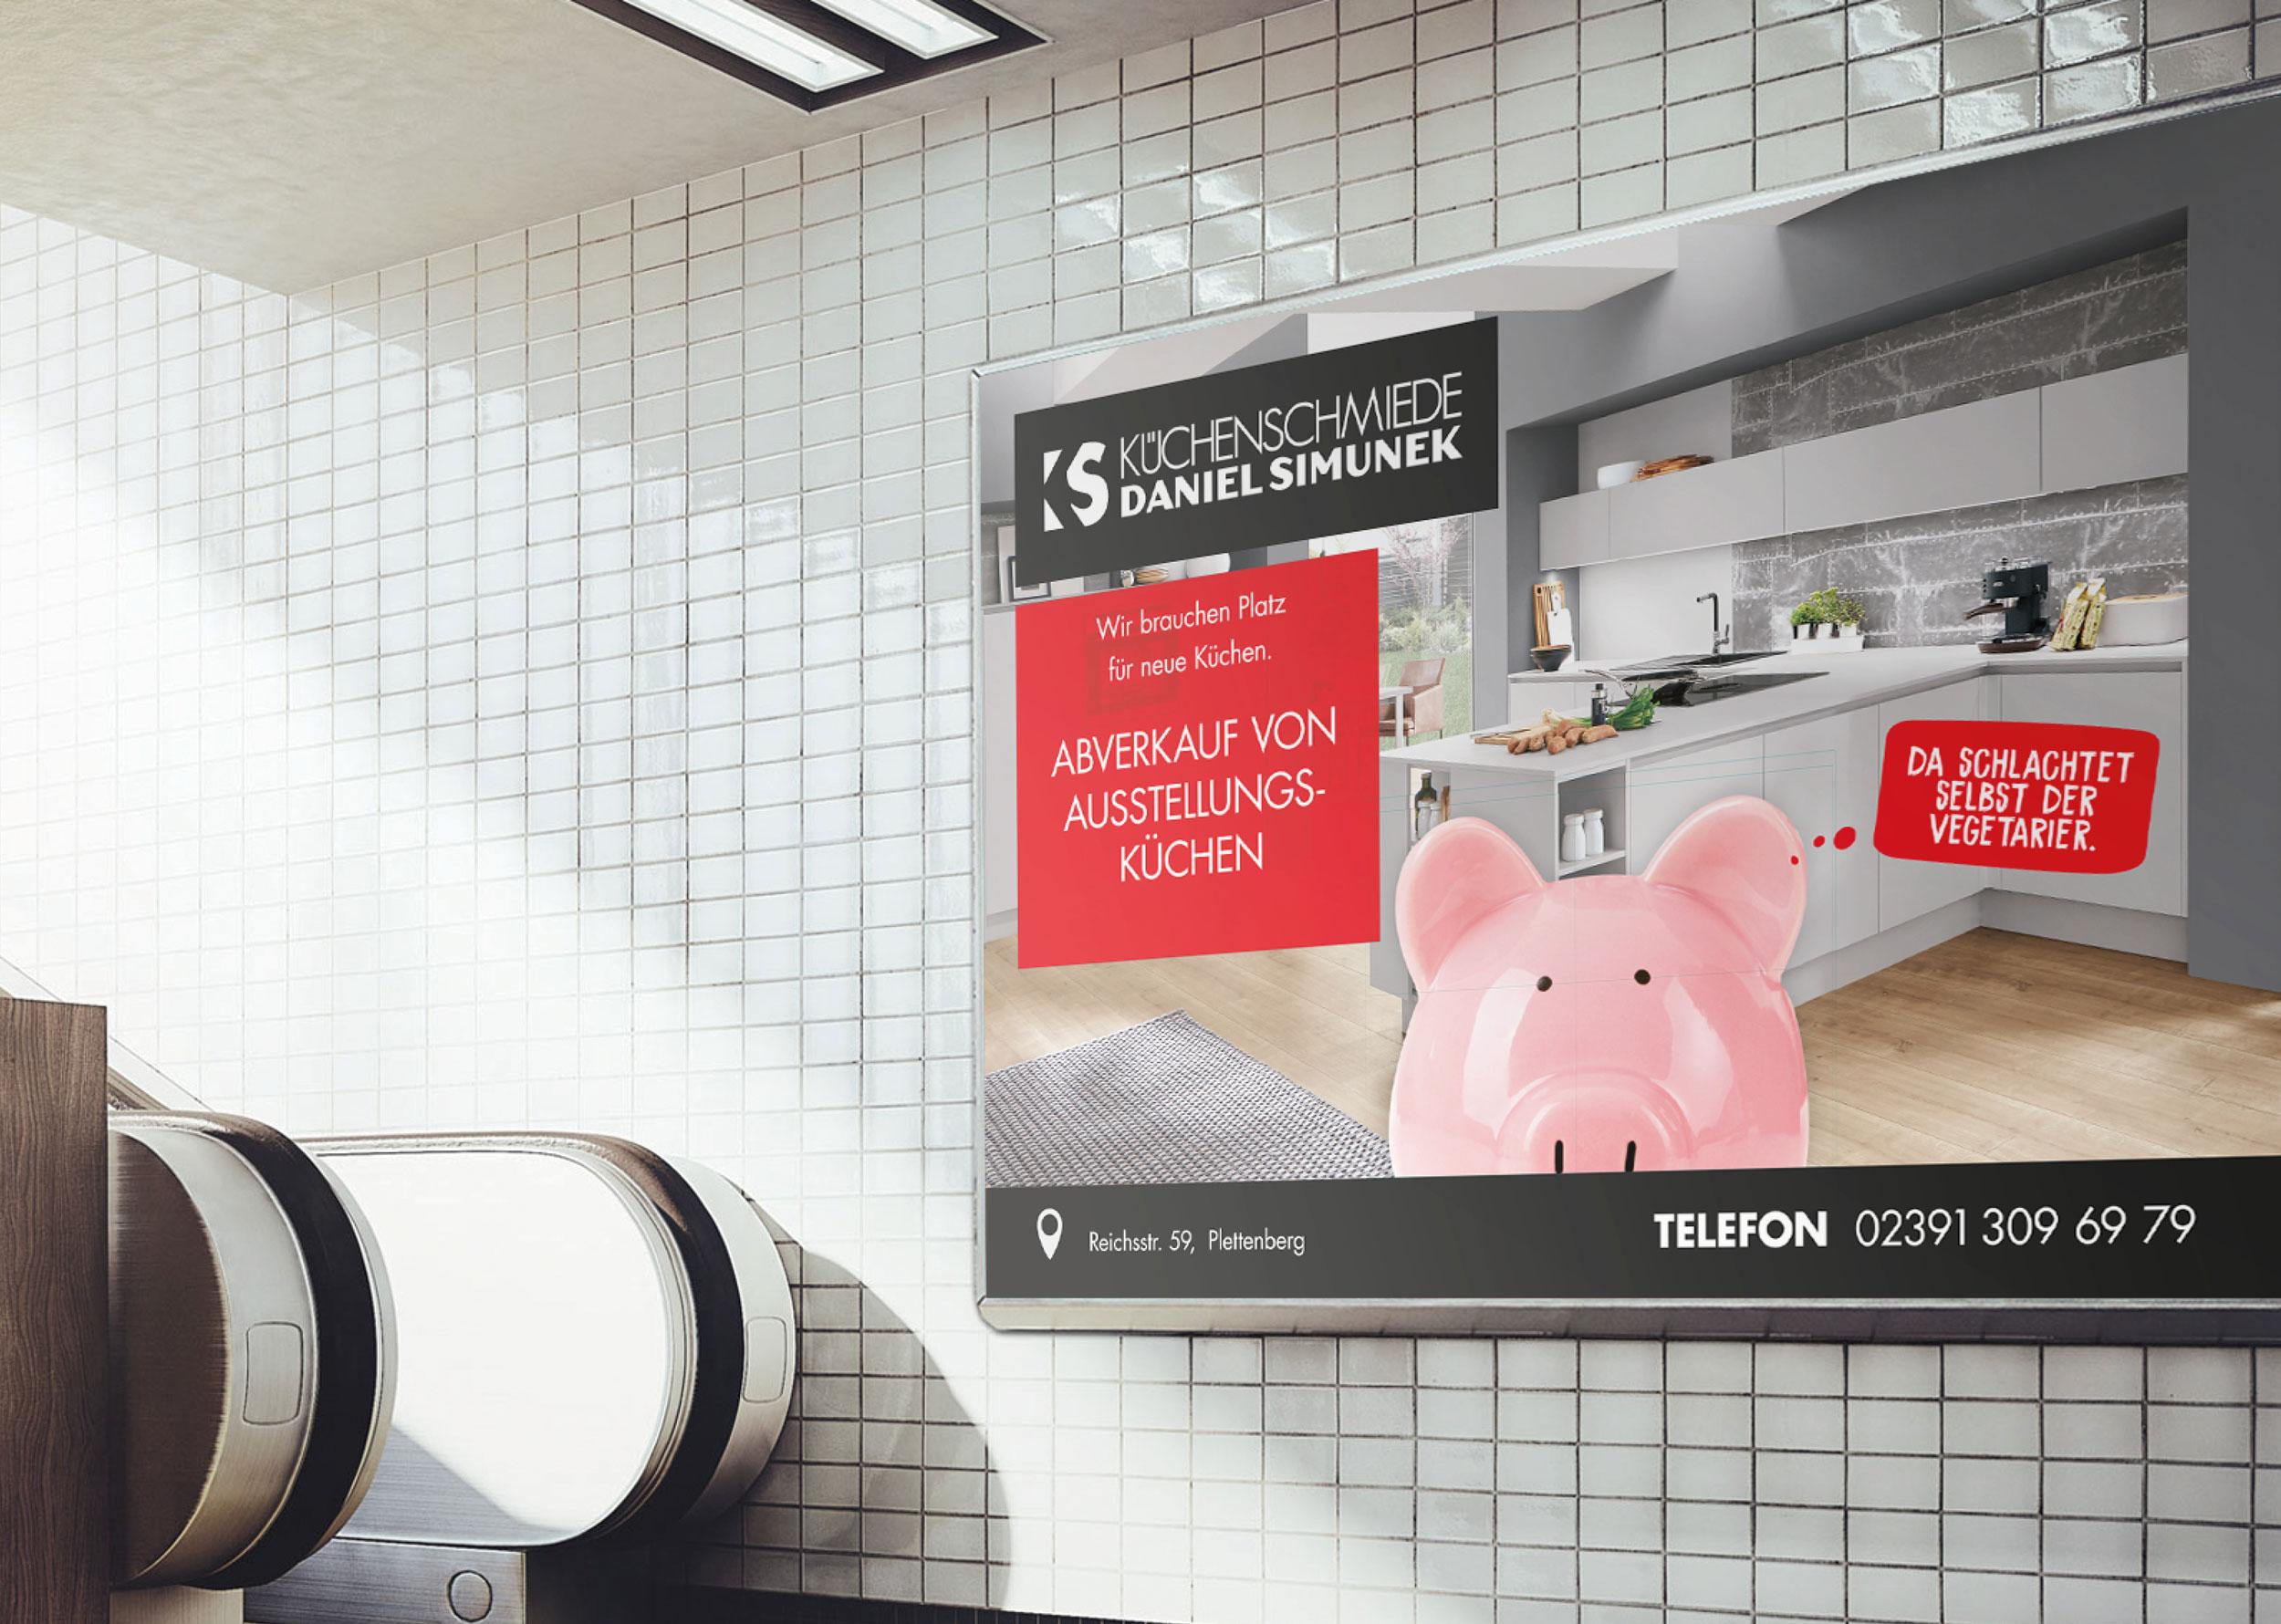 TWINNERS Zwillingsagentur Werbeagentur Designagentur Design Werbung Konzept Emsbüren Plettenberg Küchenschmiede Simunek